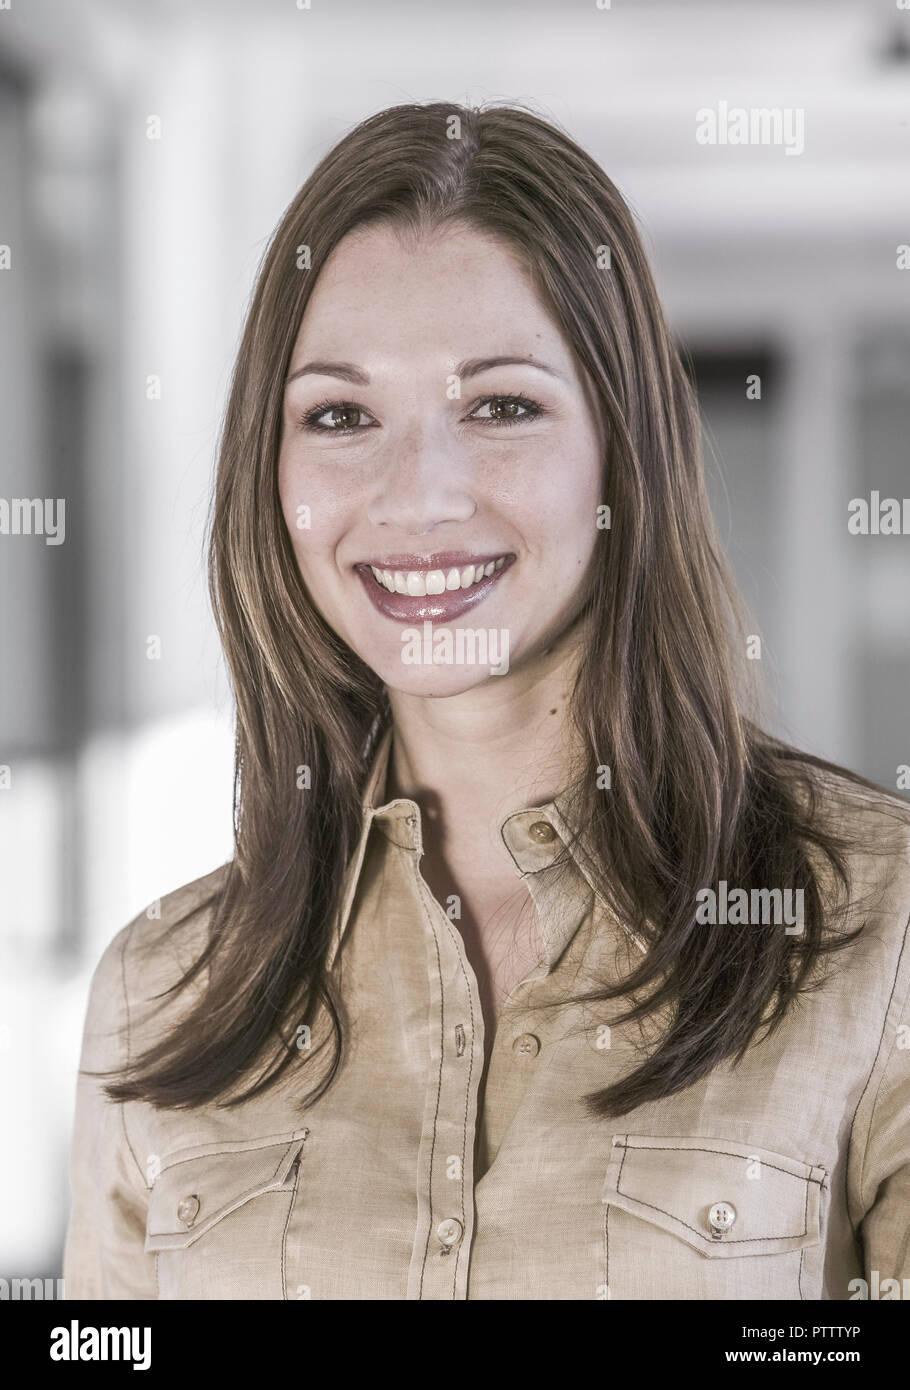 Frau im Buero, Portraet (model-released) - Stock Image